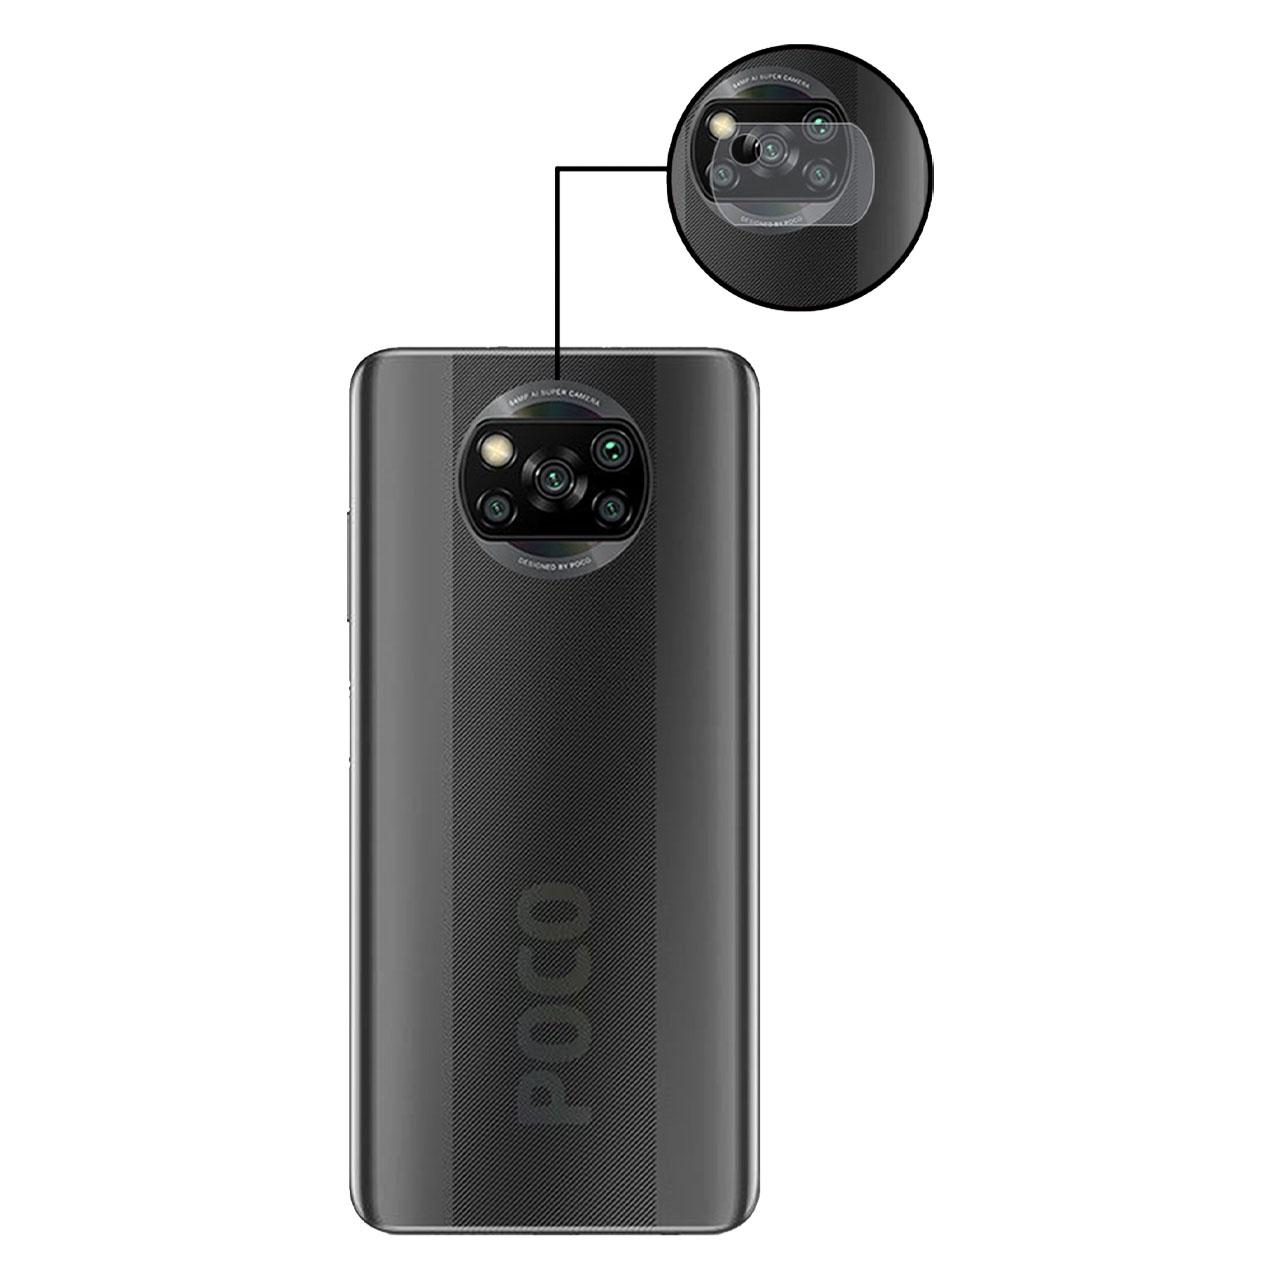 خرید اینترنتی [با تخفیف] محافظ لنز دوربین مدل LENS-G مناسب برای گوشی موبایل شیائومی Poco X3 اورجینال